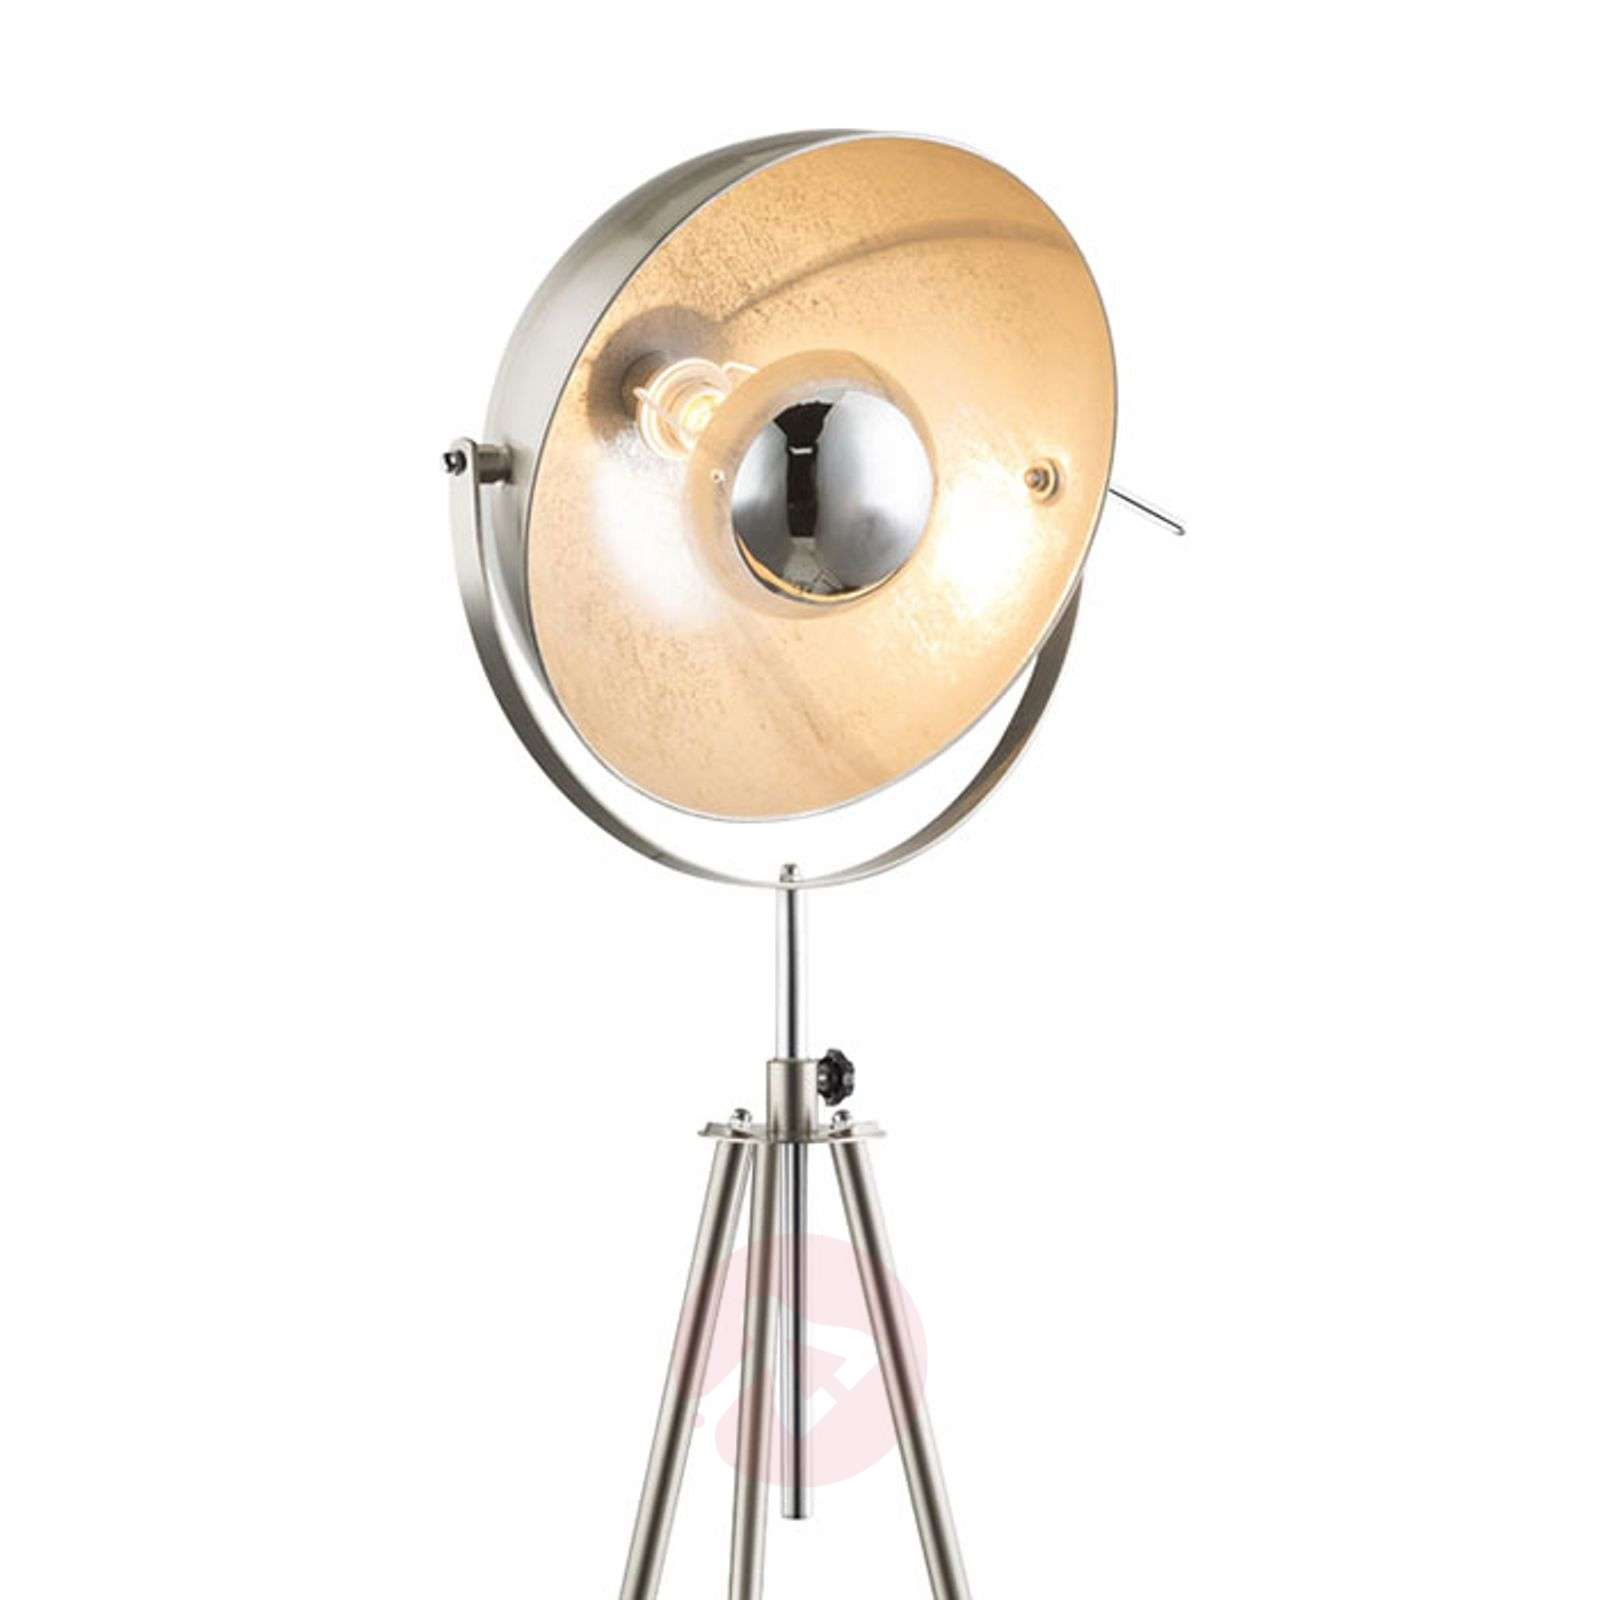 Kolmijalkainen lattiavalaisin Nosy, nikkeli/hopea-4015065-01